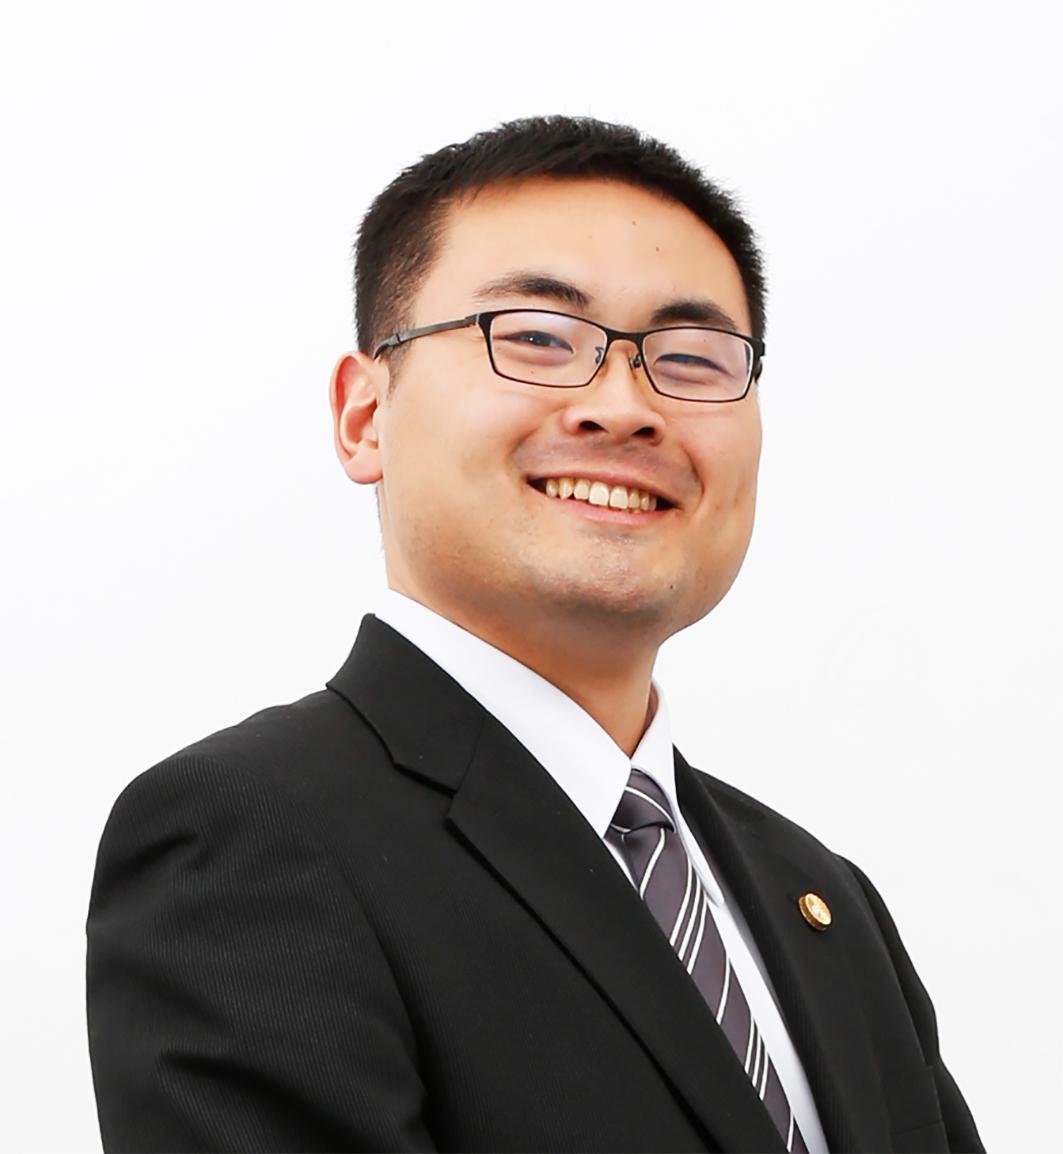 弁護士 薄田 真司